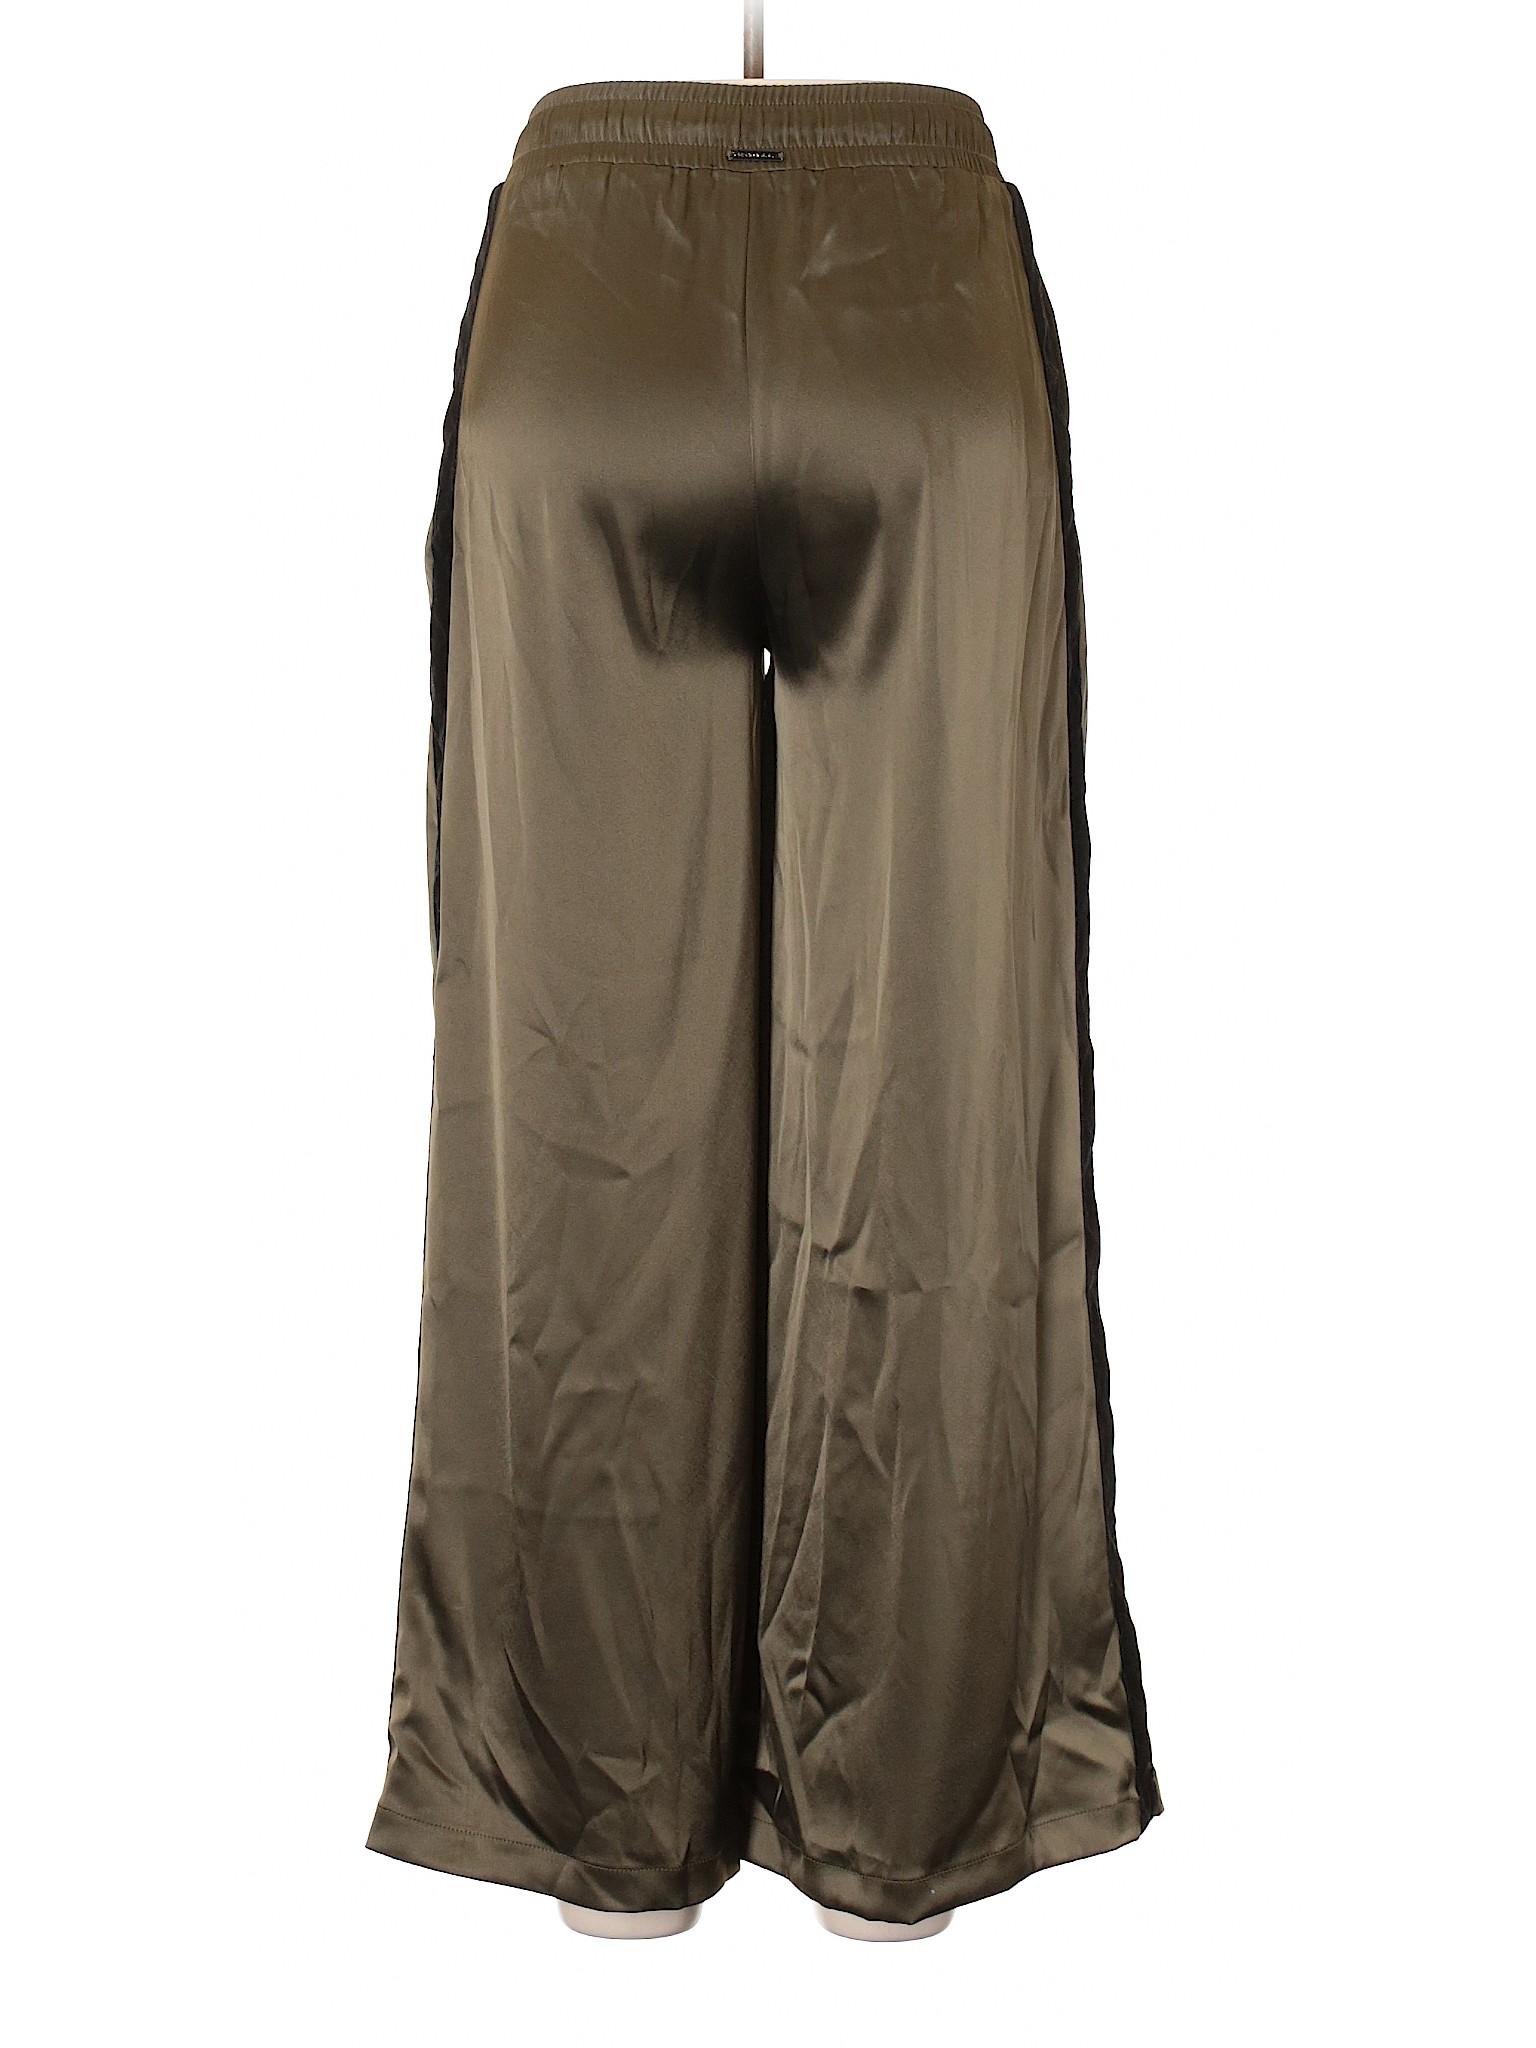 Koral Boutique Boutique Pants winter Casual winter qpSzw7